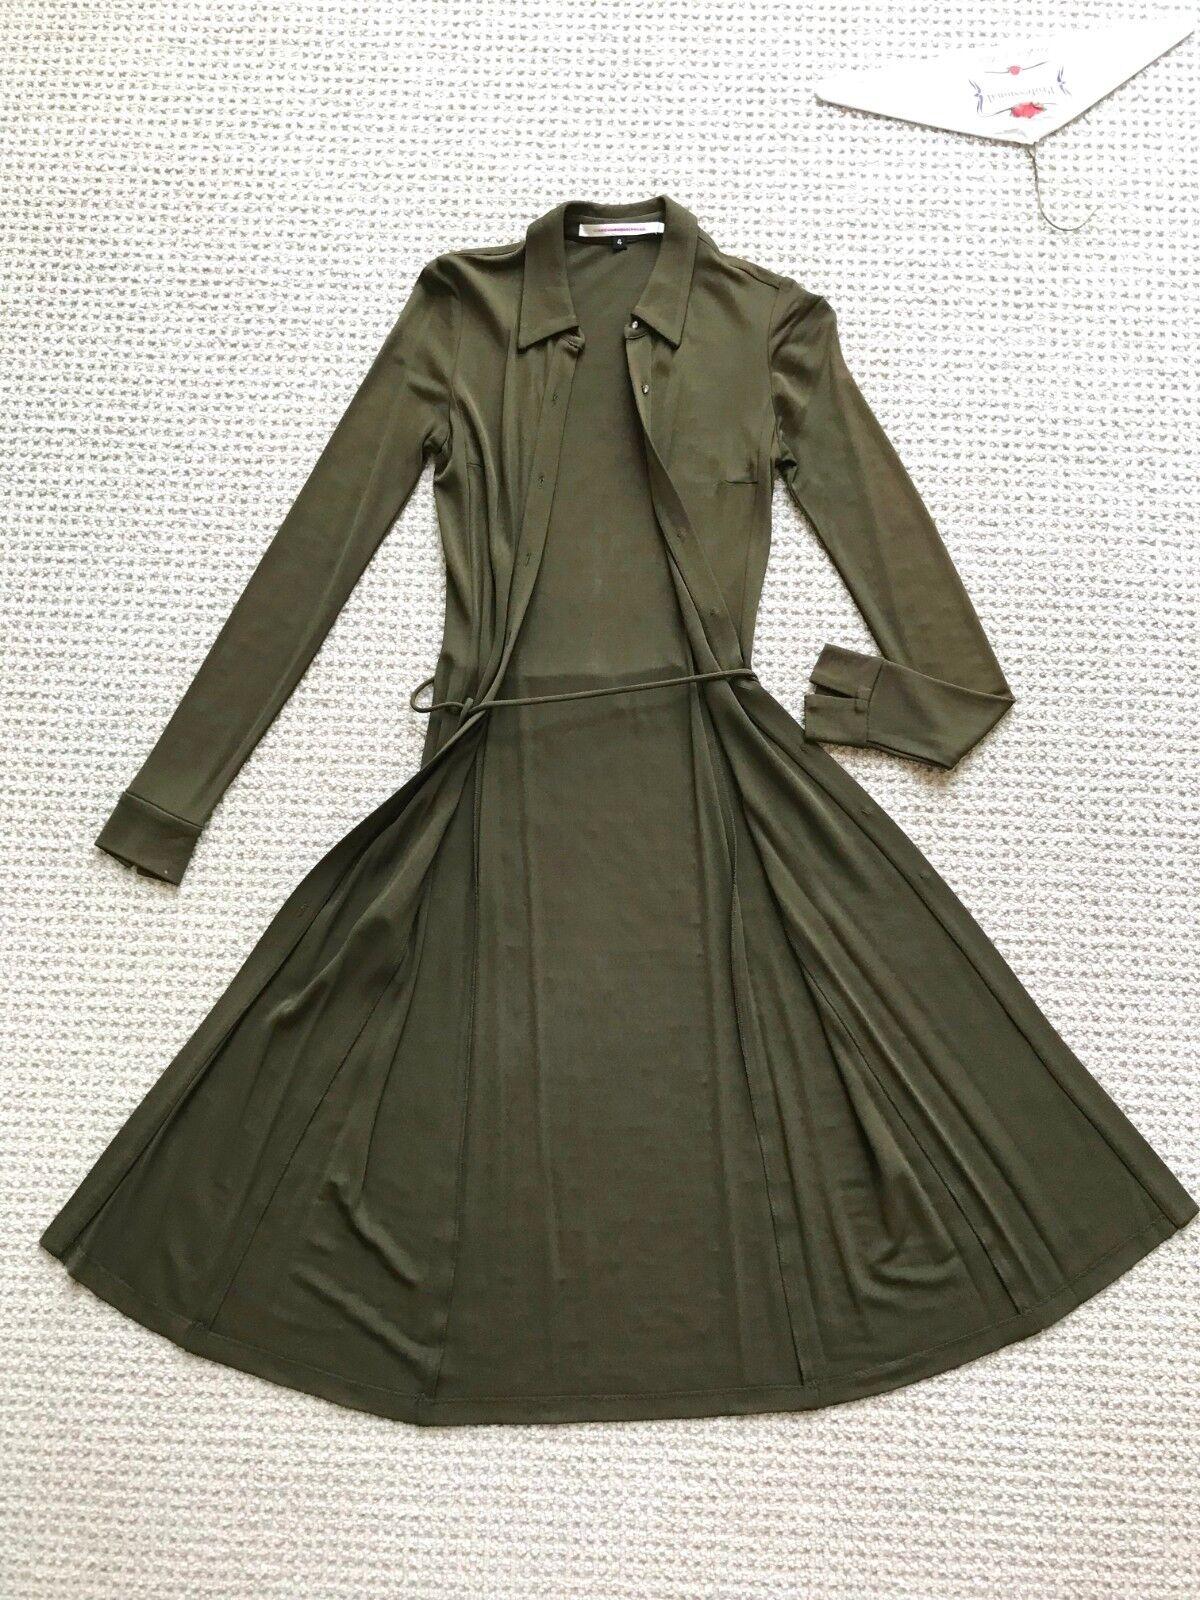 Diane von Furstenberg olive army Grün shirt dress belt crystal buttons sz 4 0-2